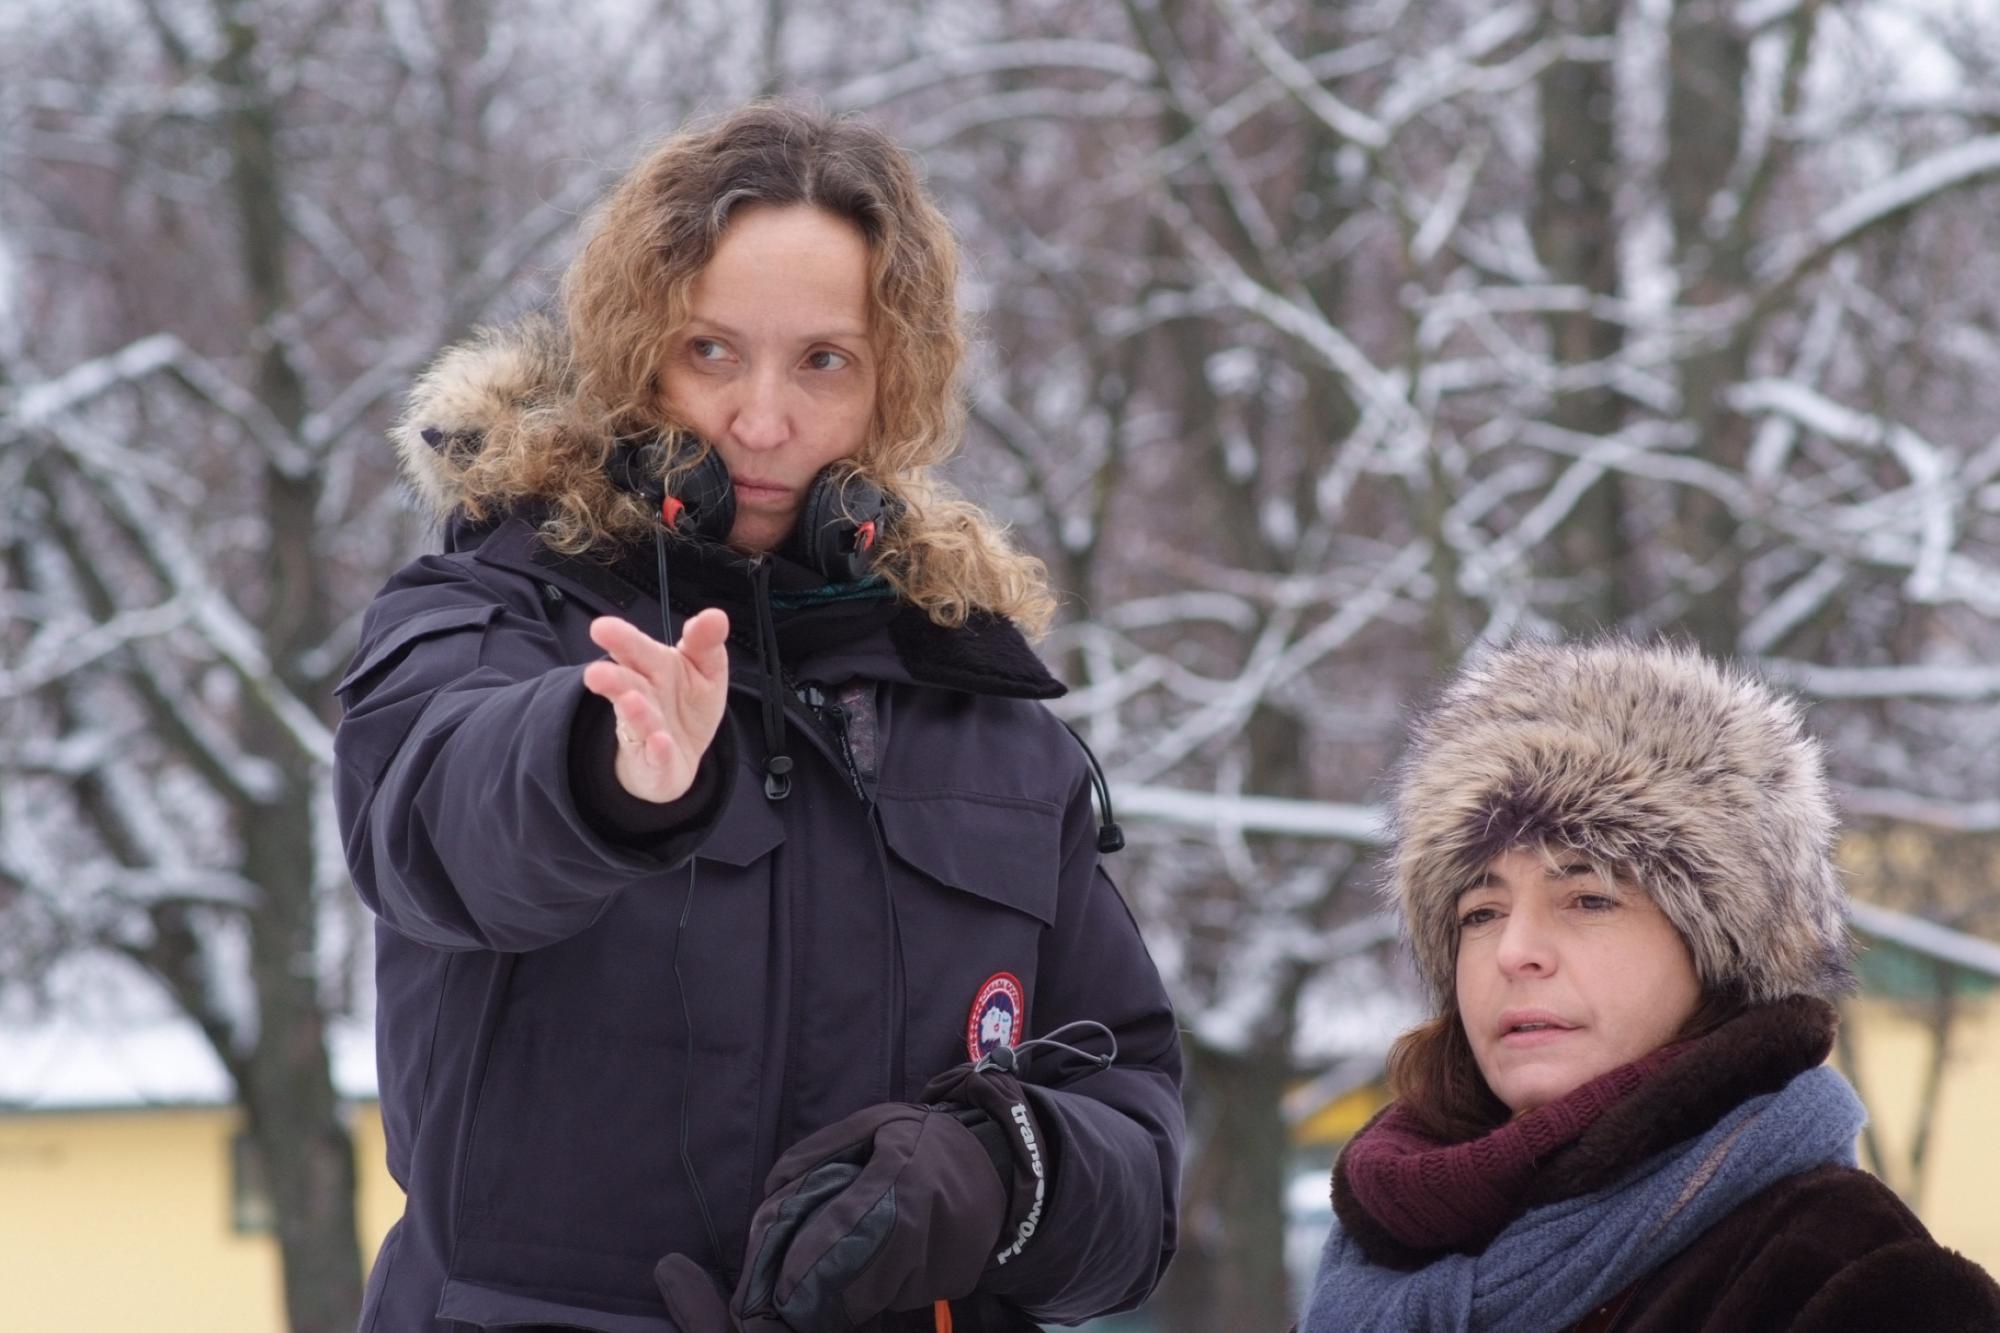 DANIELA FEJERMAN, directora y guionista de cine